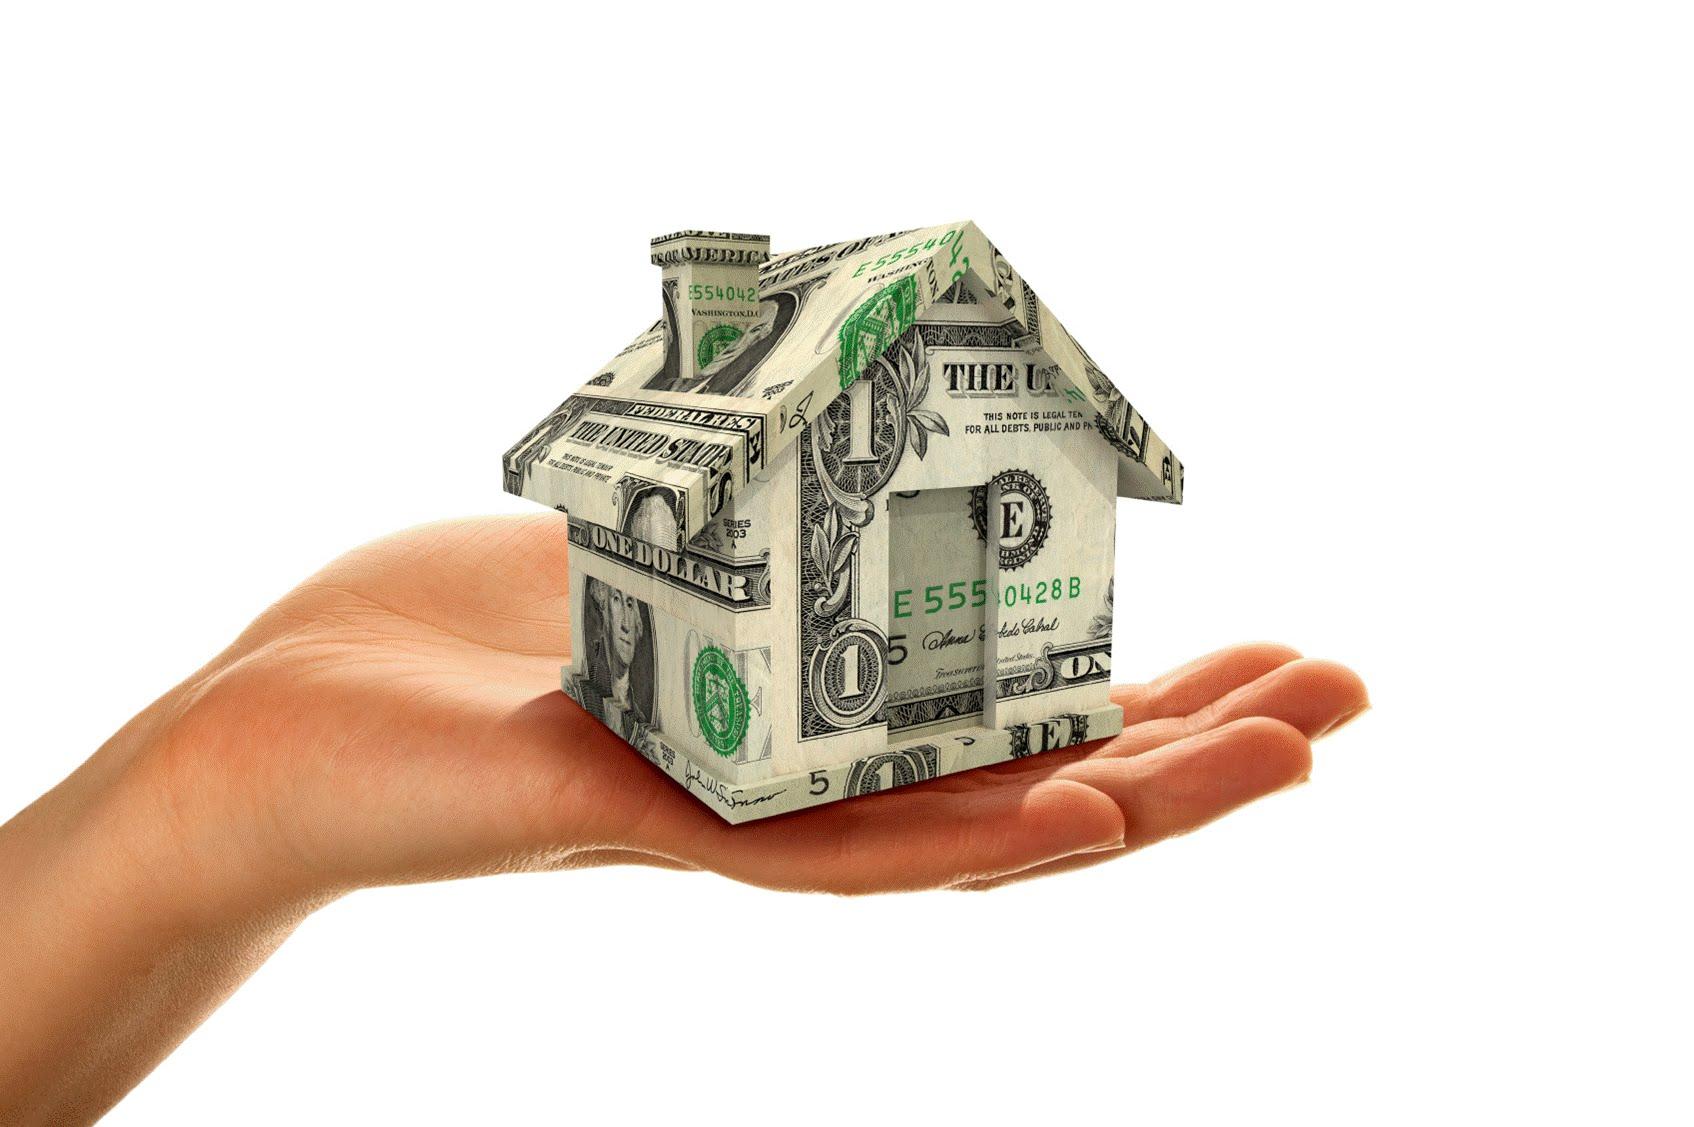 Acheter une maison : créer sa propre maison